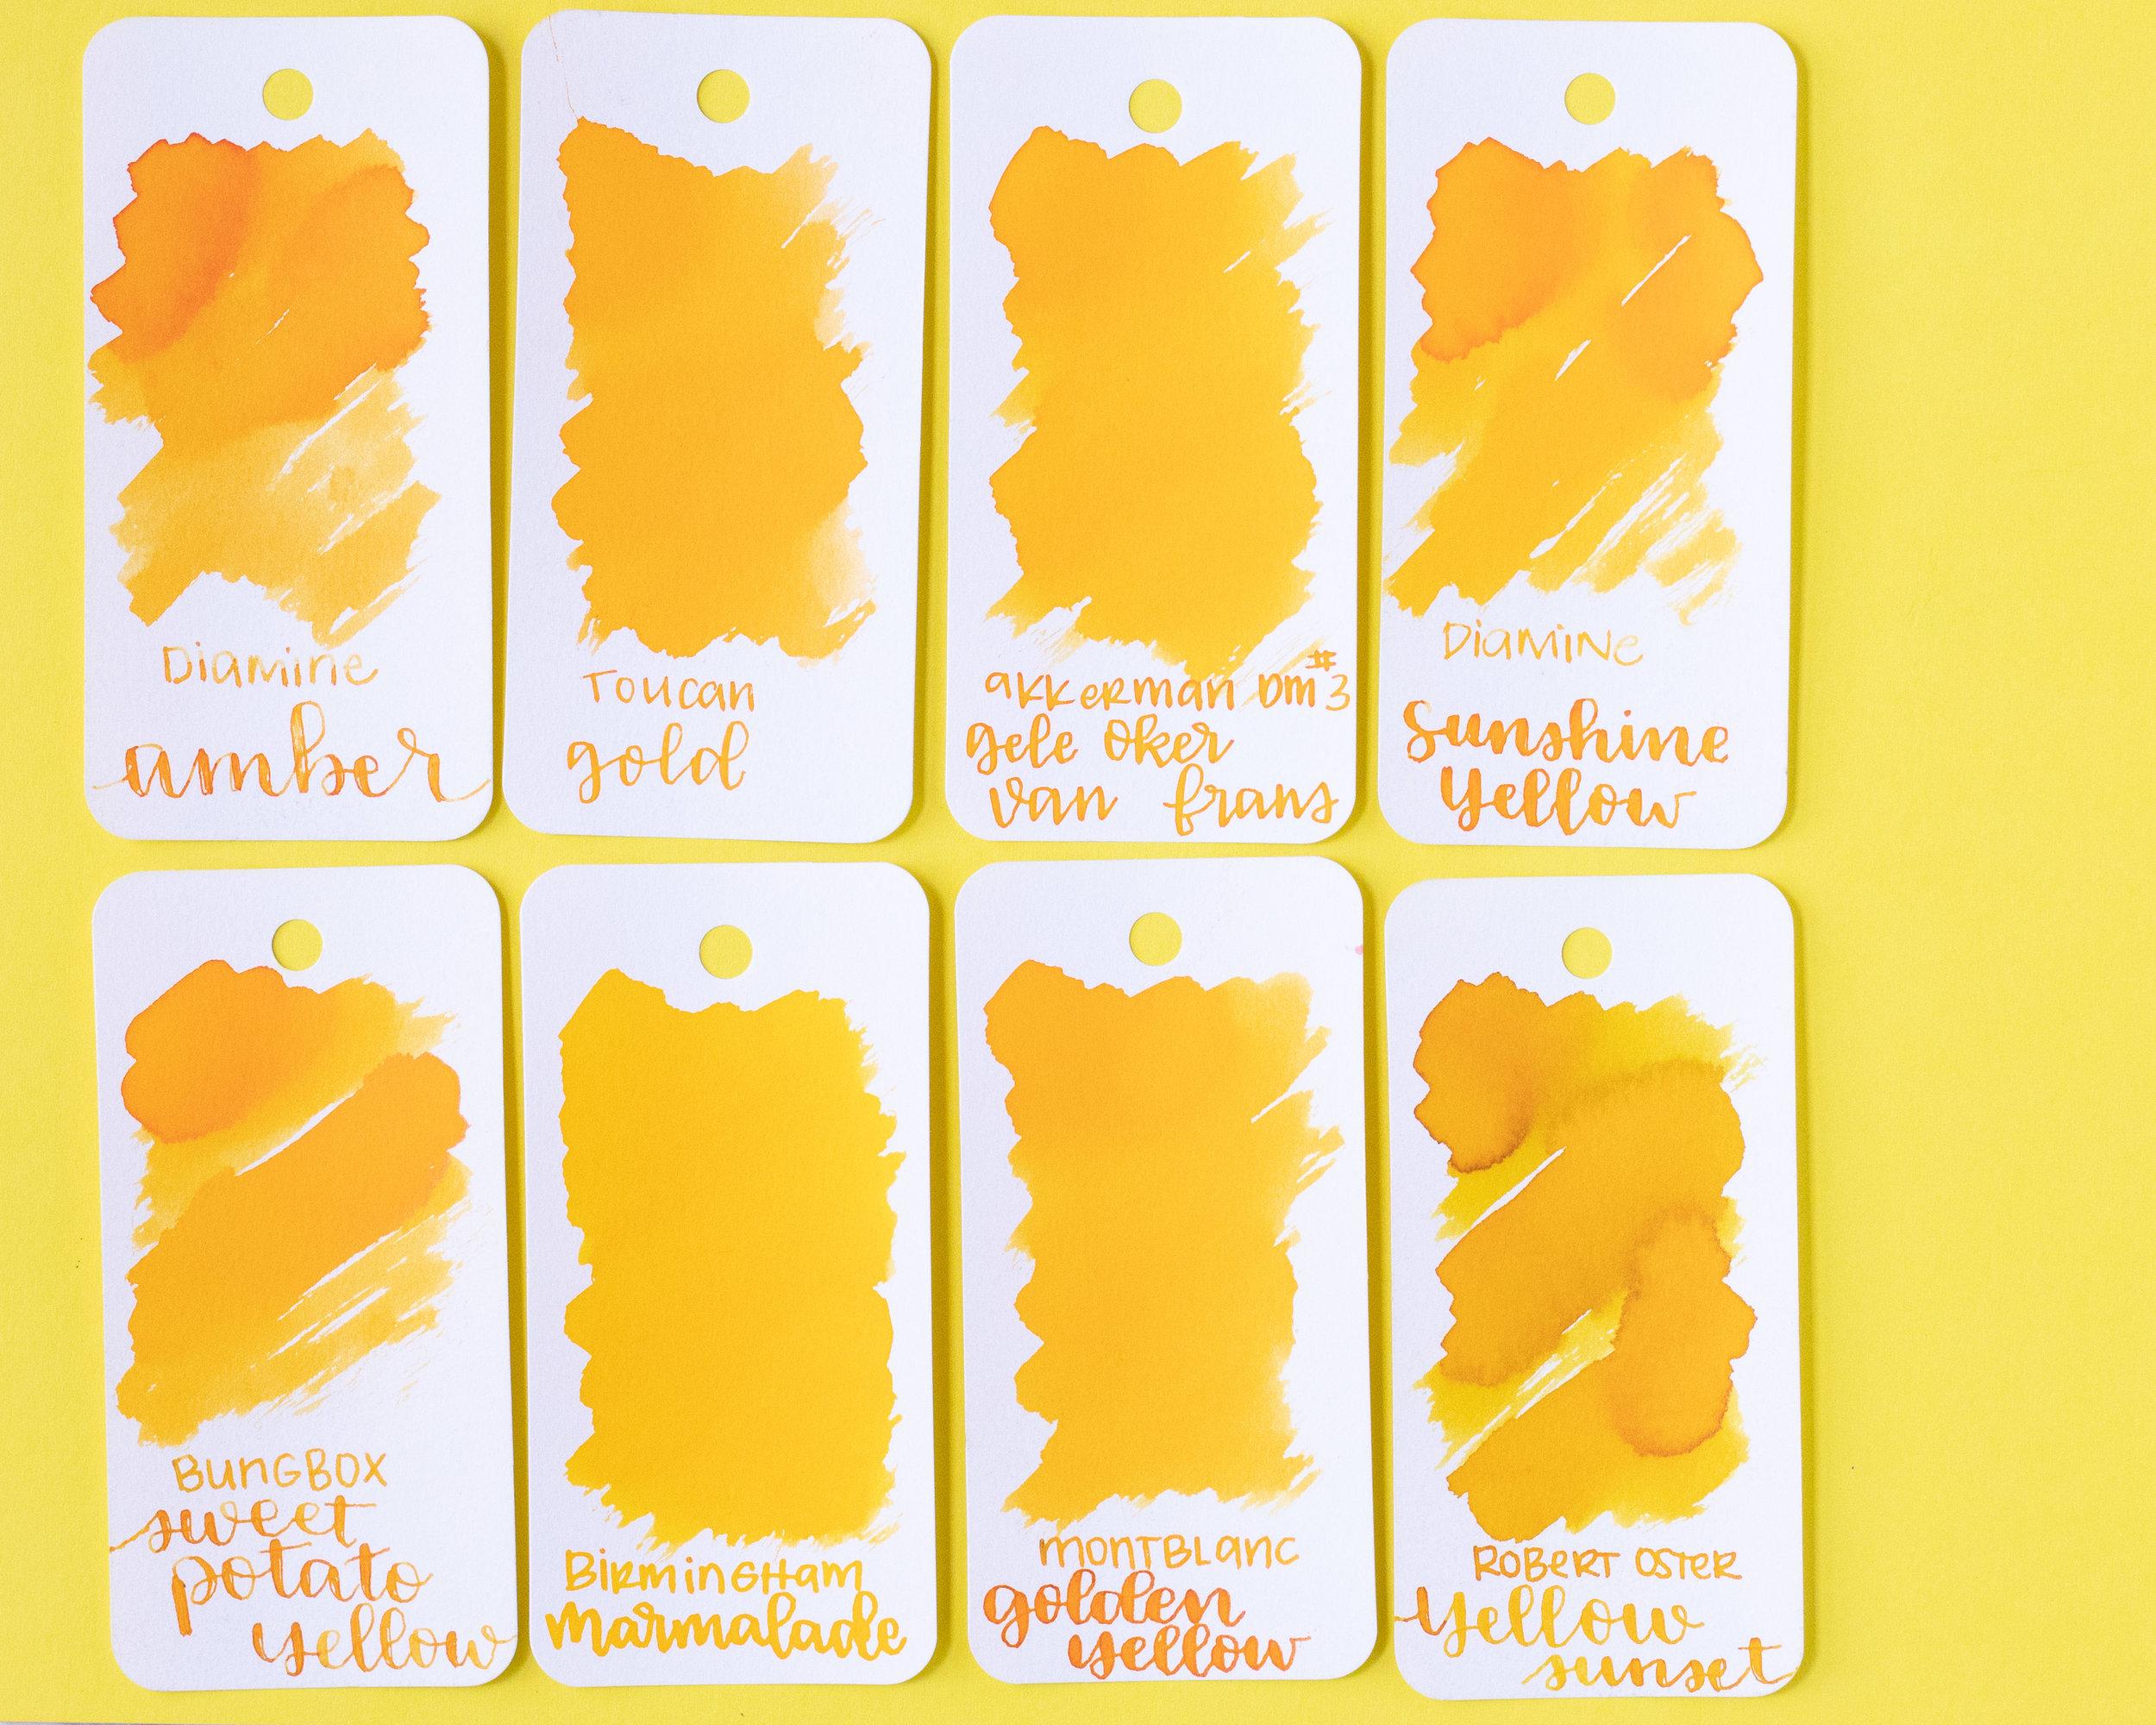 akk-gele-oker-van-frans-s-1.jpg